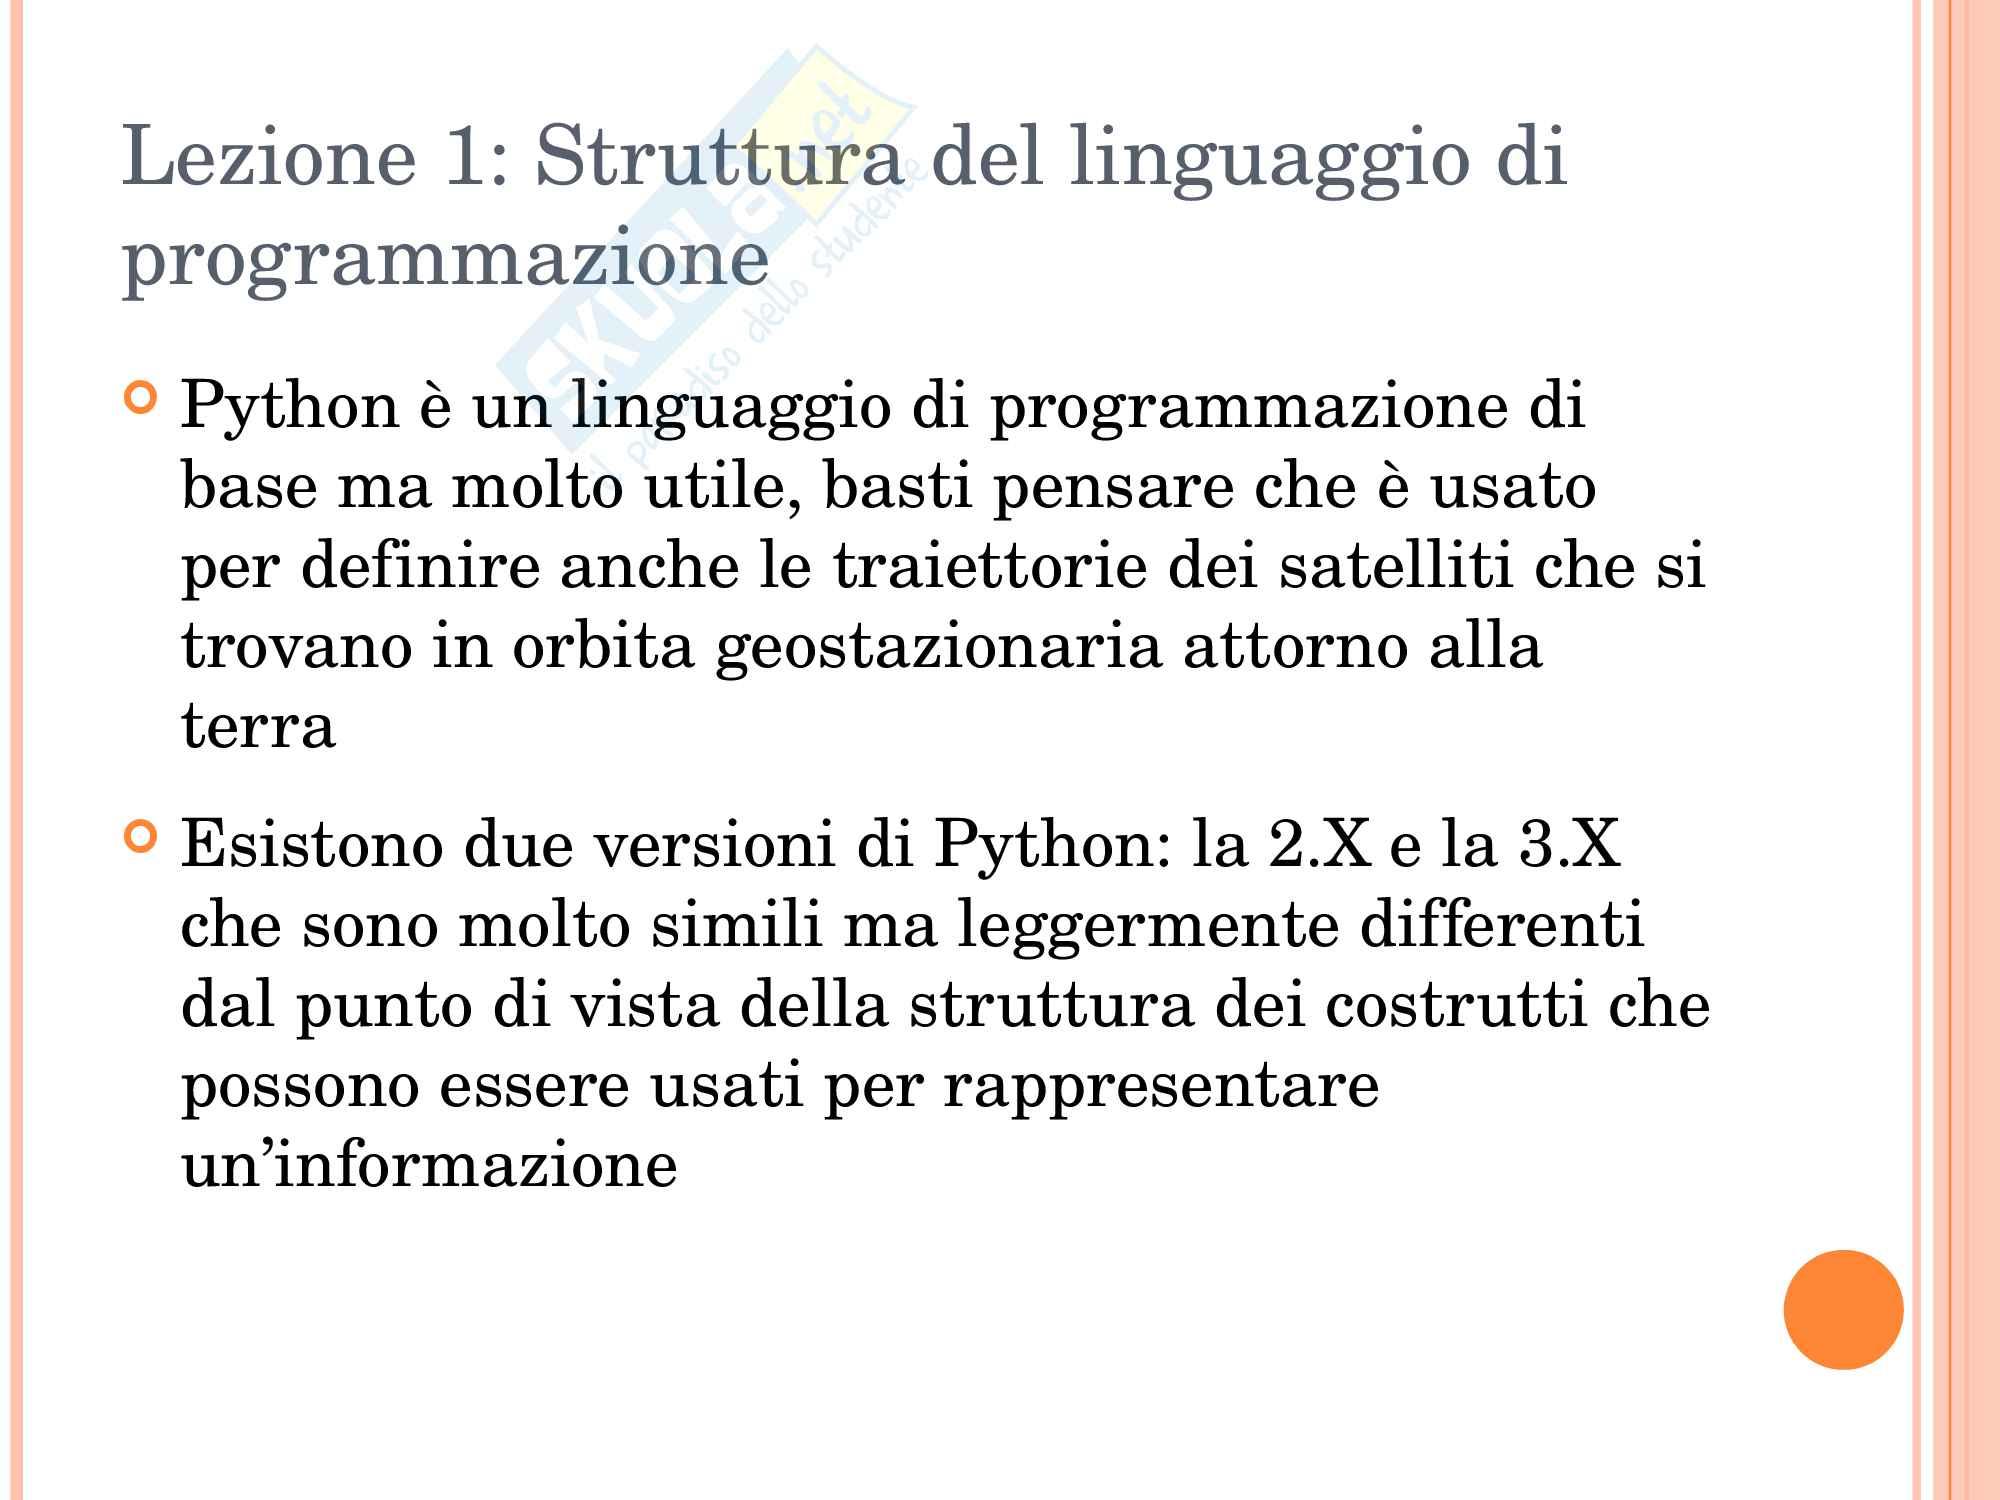 Programmazione in Python Lezione 1 Pag. 2